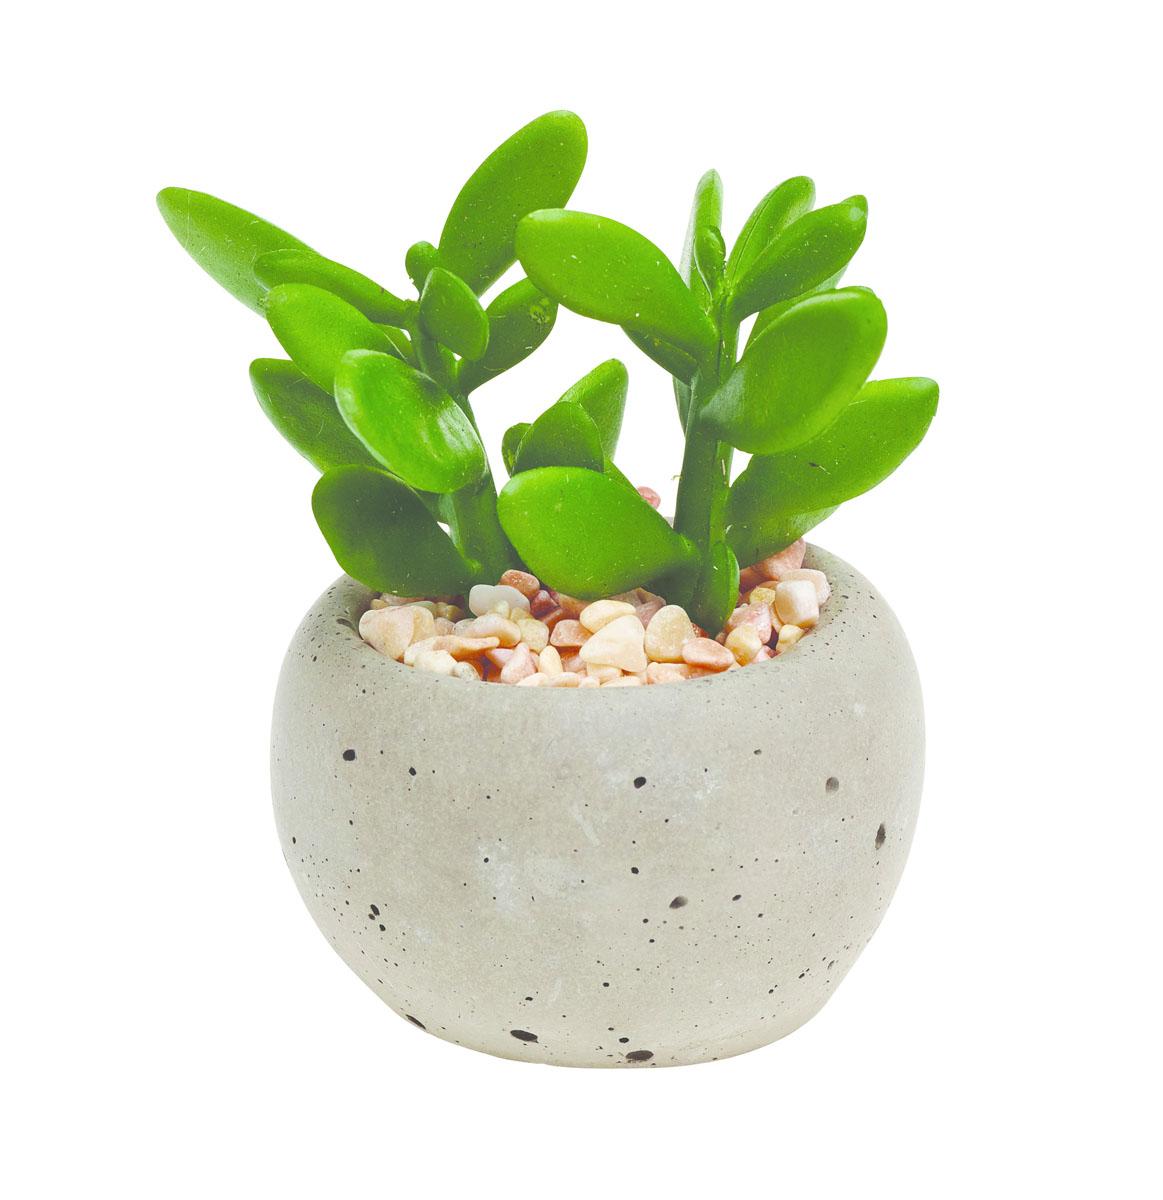 Растение суккулентное Gardman, в круглом горшке, 8,5 х 6 см. 02860-1 домик для птиц gardman домик для птиц gardman 24 см